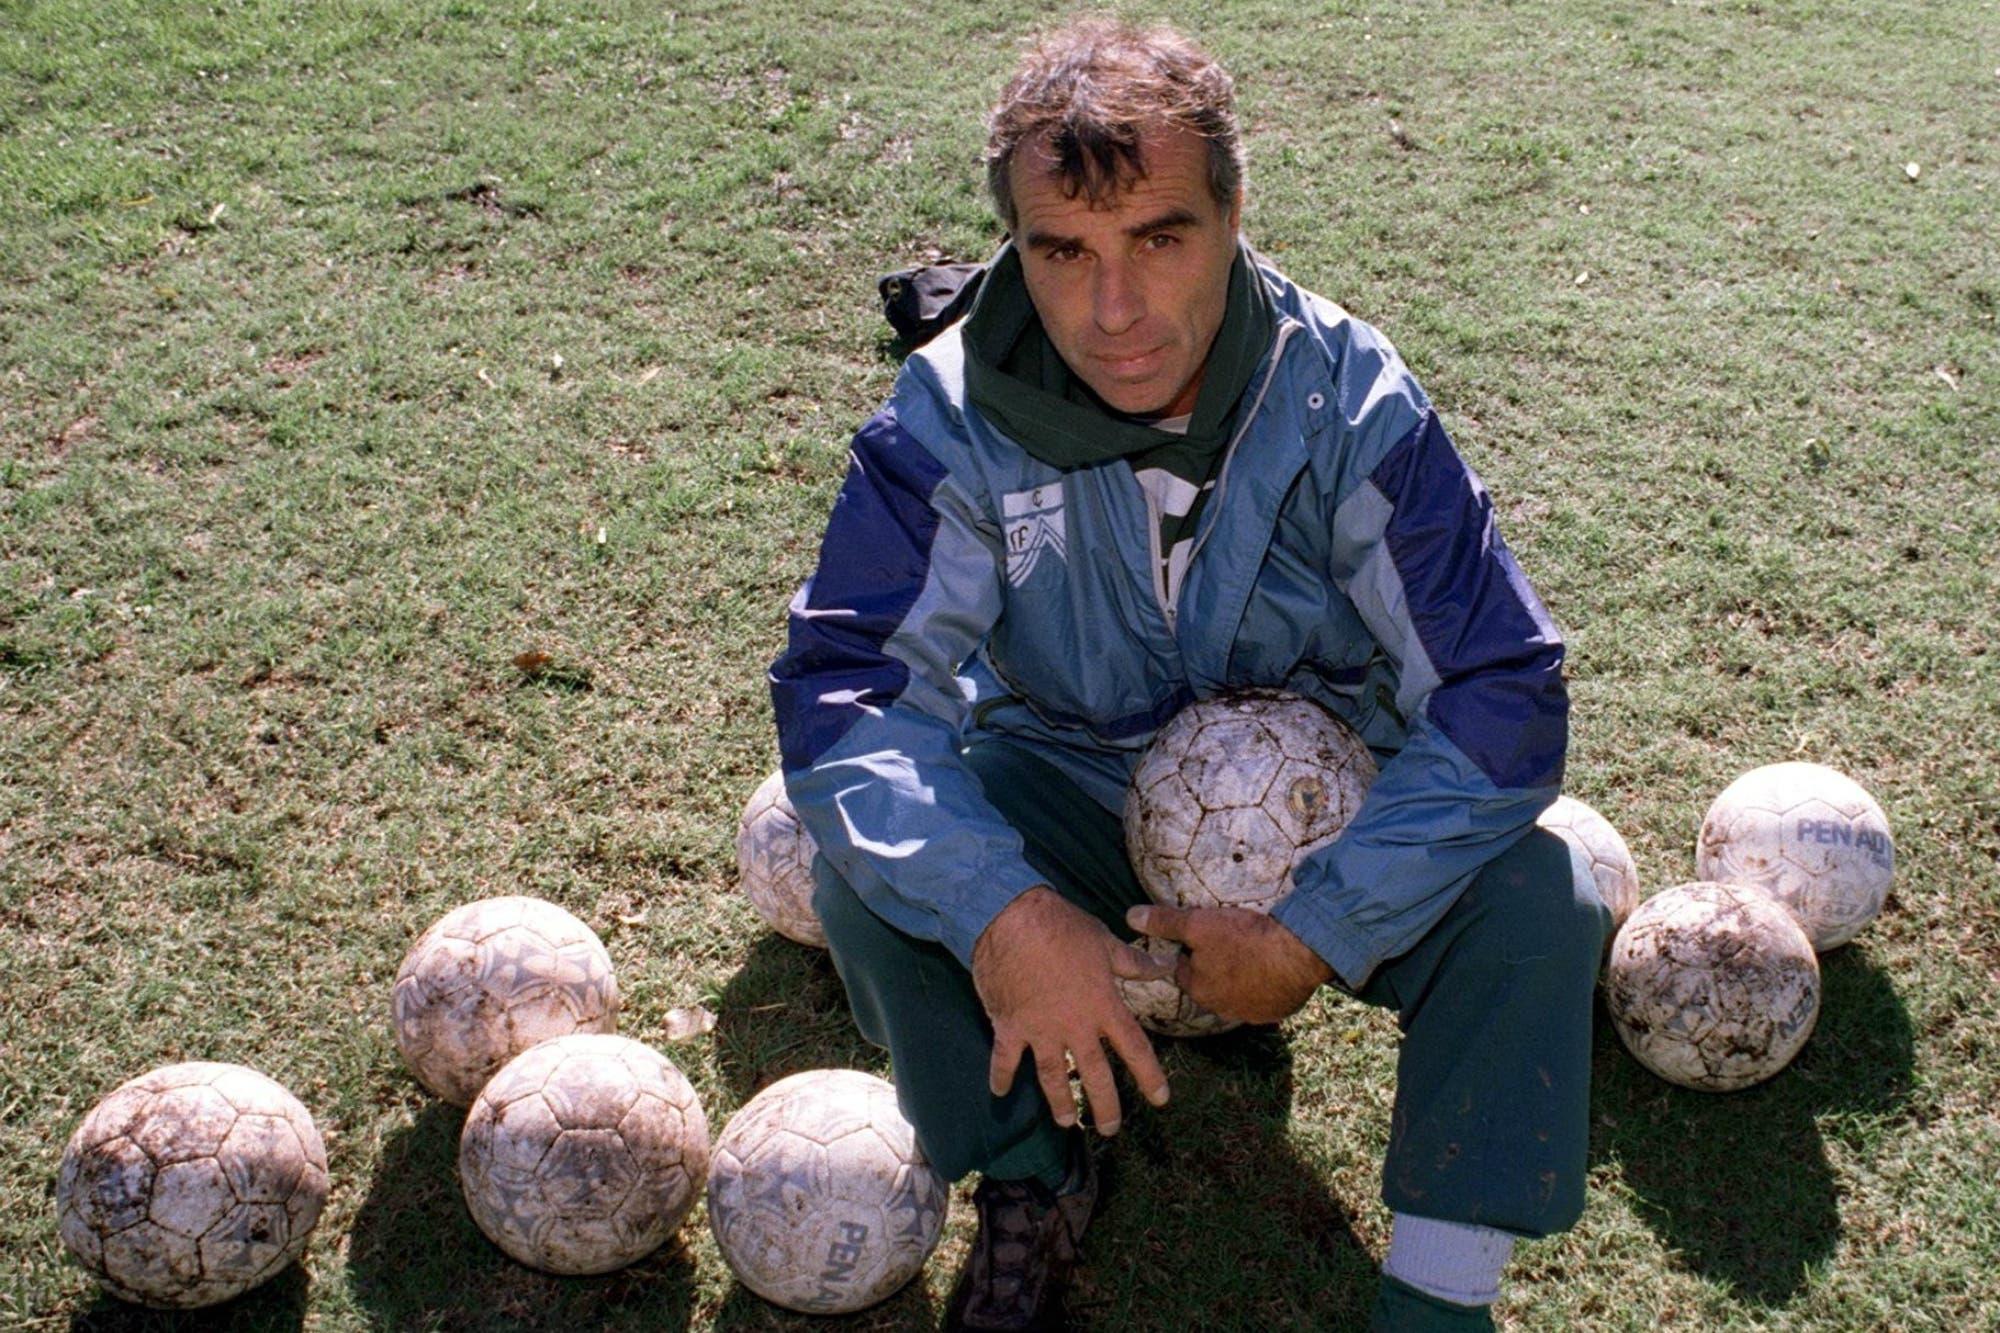 Murió Carlos Barisio: el adiós del hombre récord que le puso candado al arco durante 1075 minutos